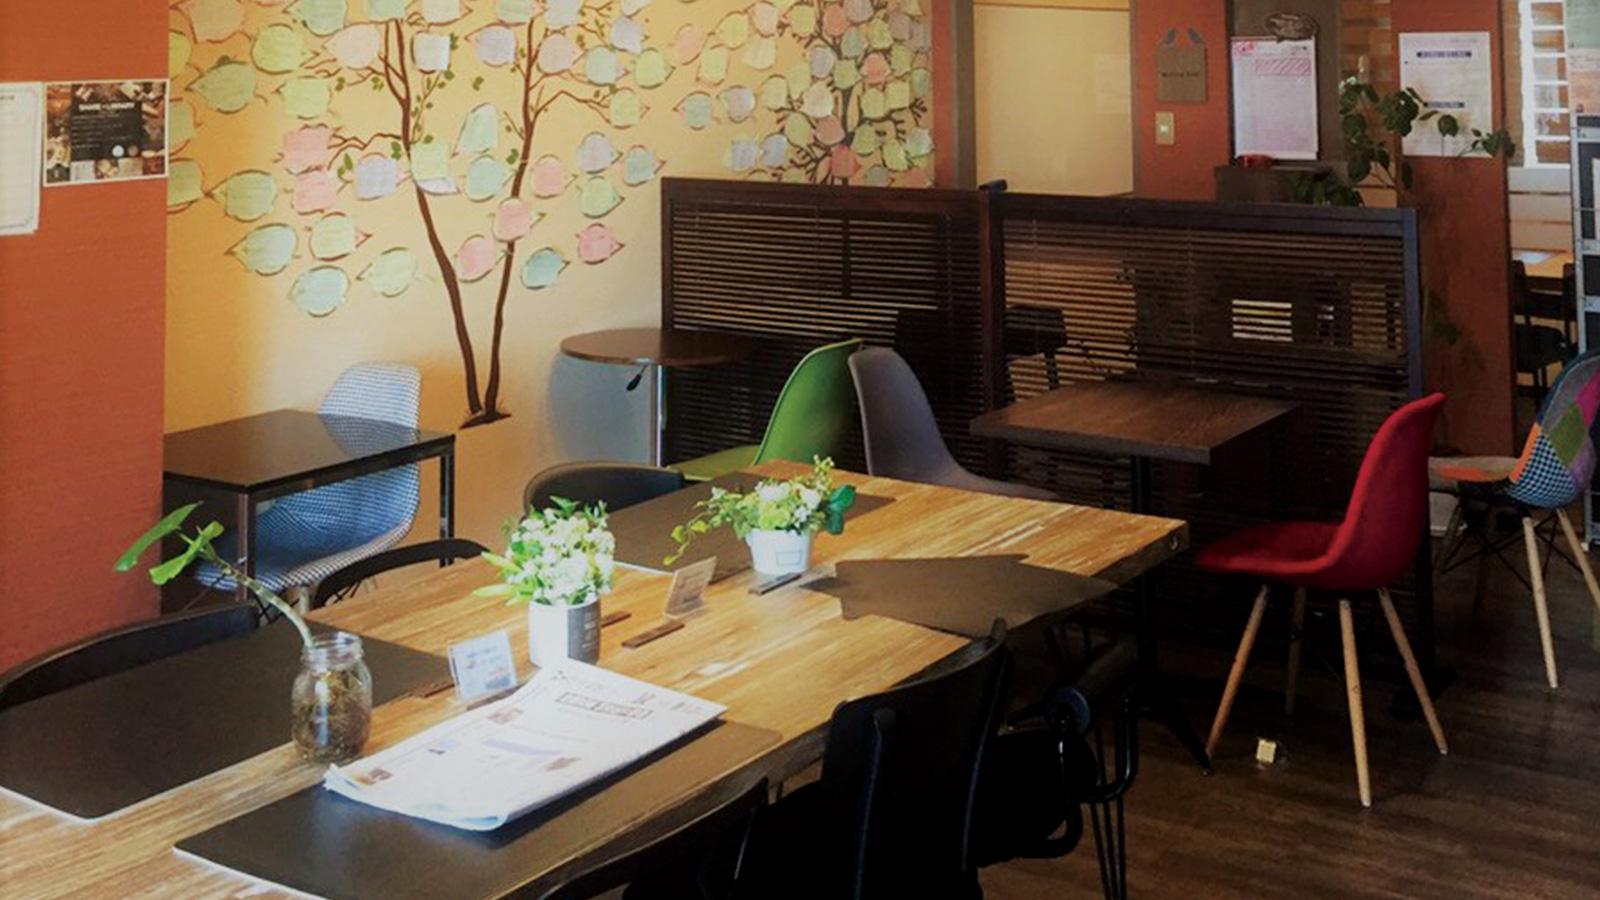 「勉強カフェ神戸三宮スタジオ」の画像検索結果